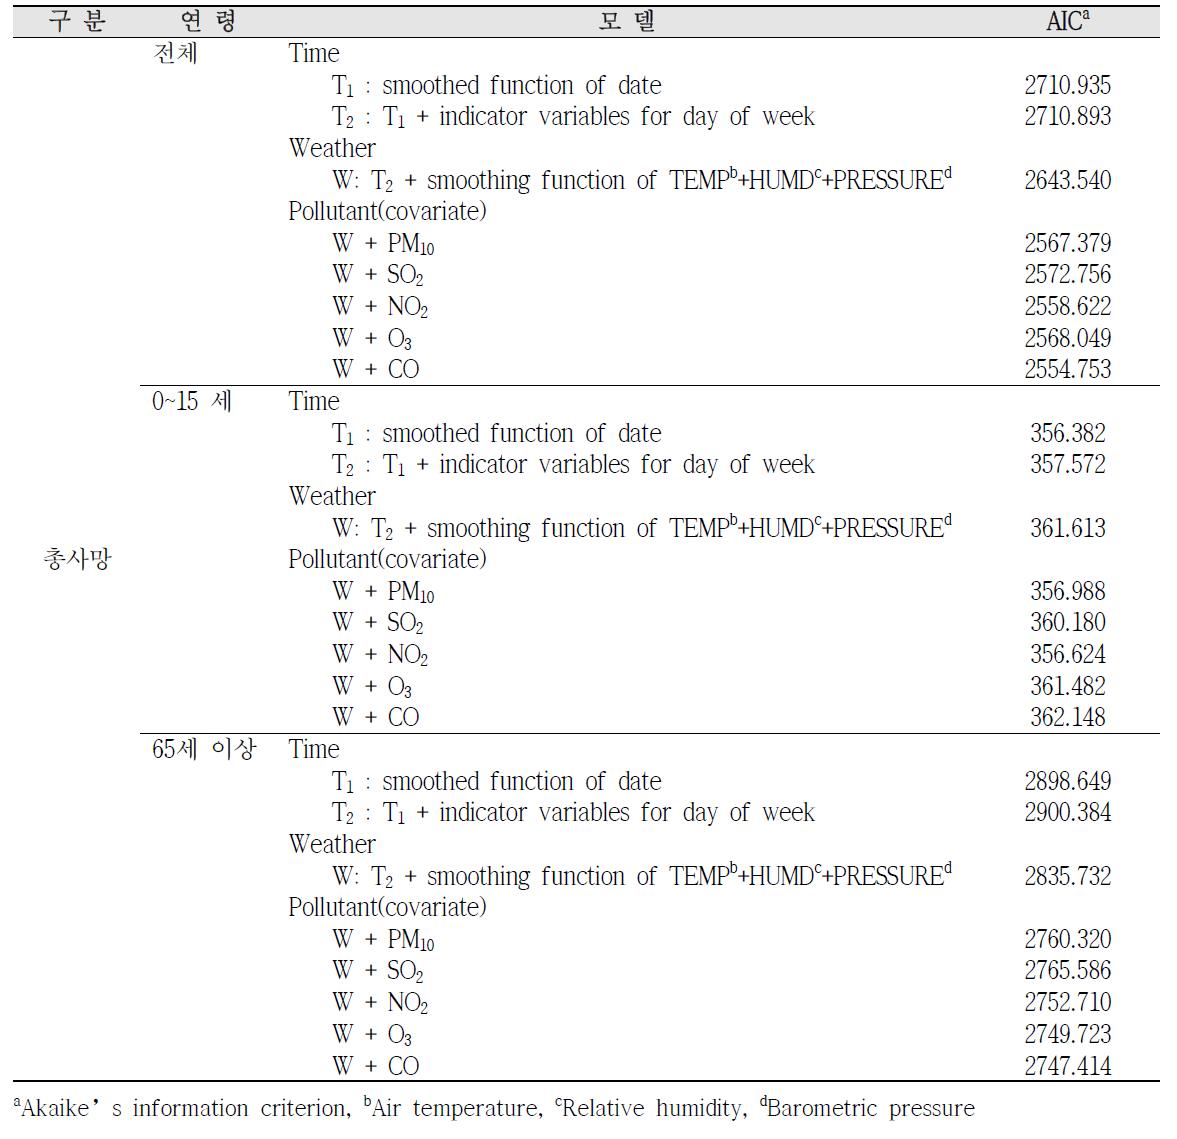 청주시 상당구 총사망 모델 적합도 검정(AIC) 결과(2005~2011년)